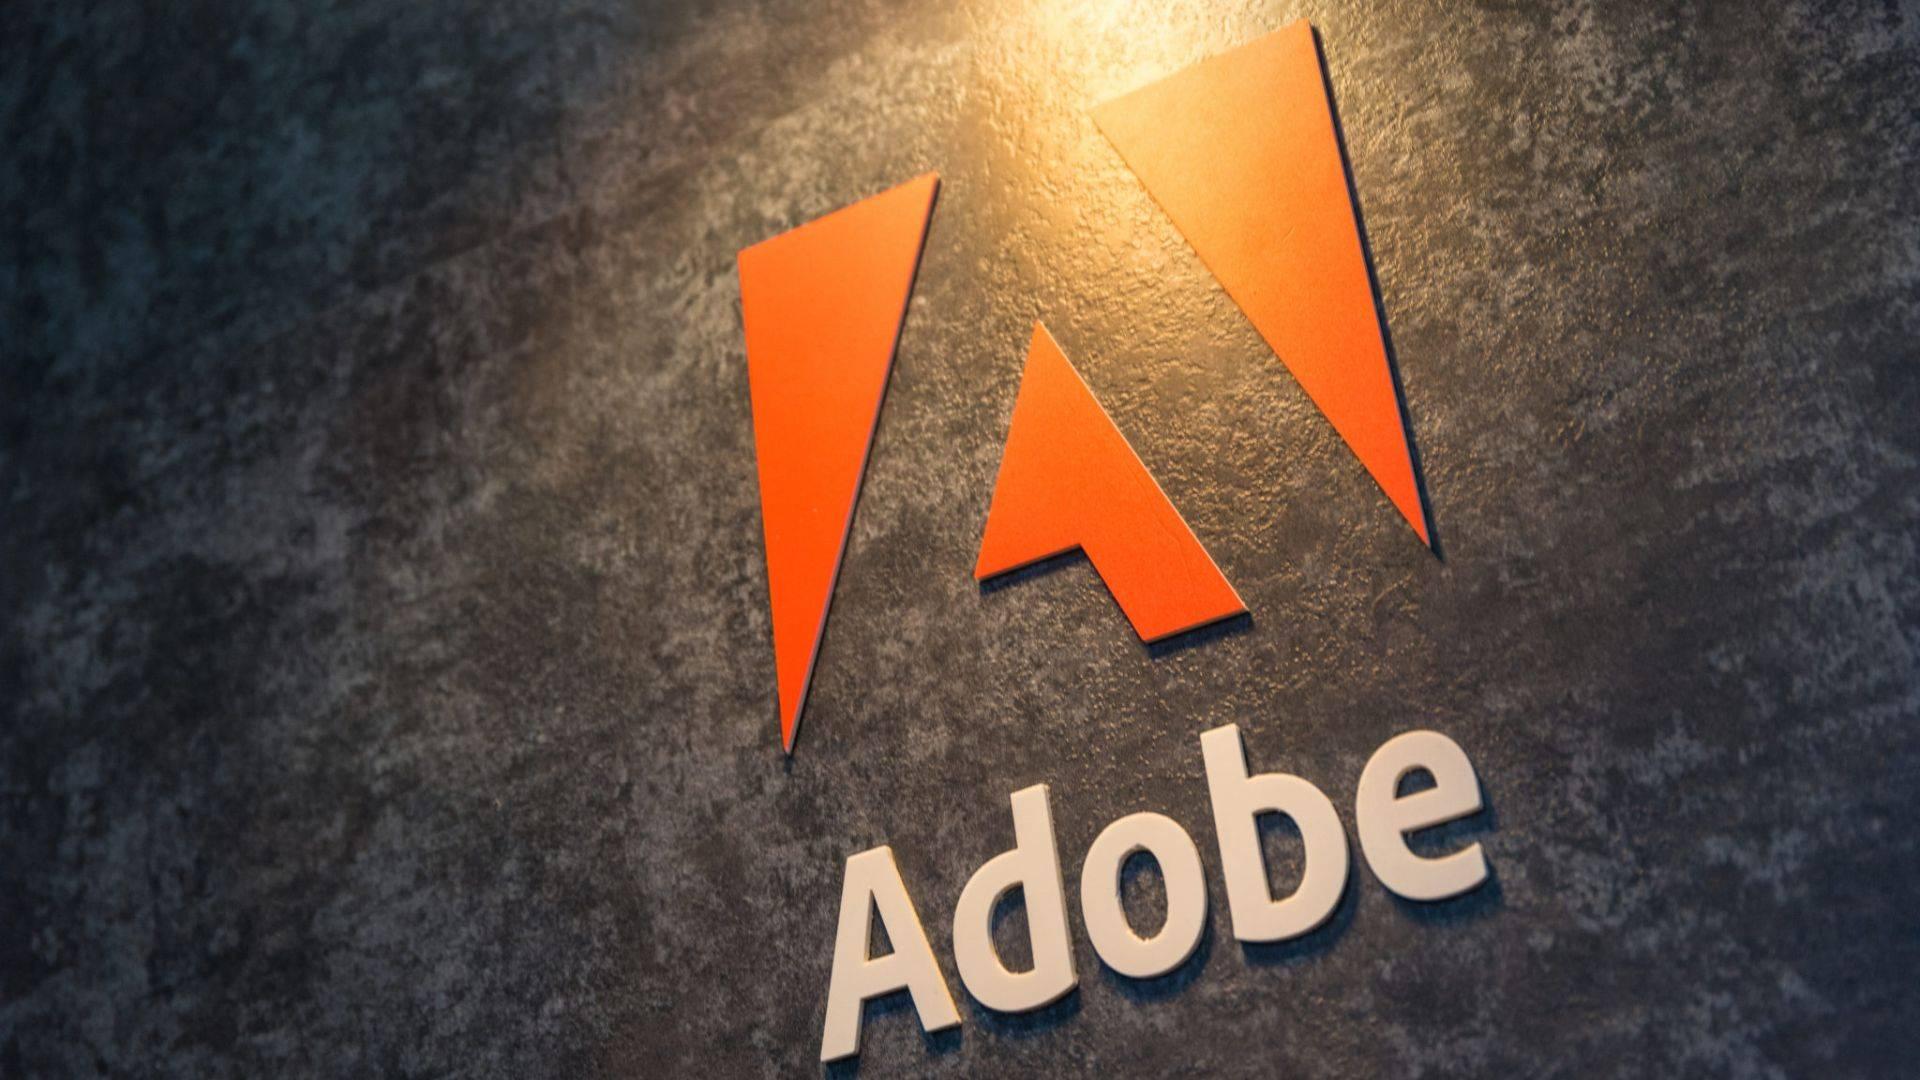 Empresa Adobe afirma que venezolanos que pierdan el servicio serán reembolsados